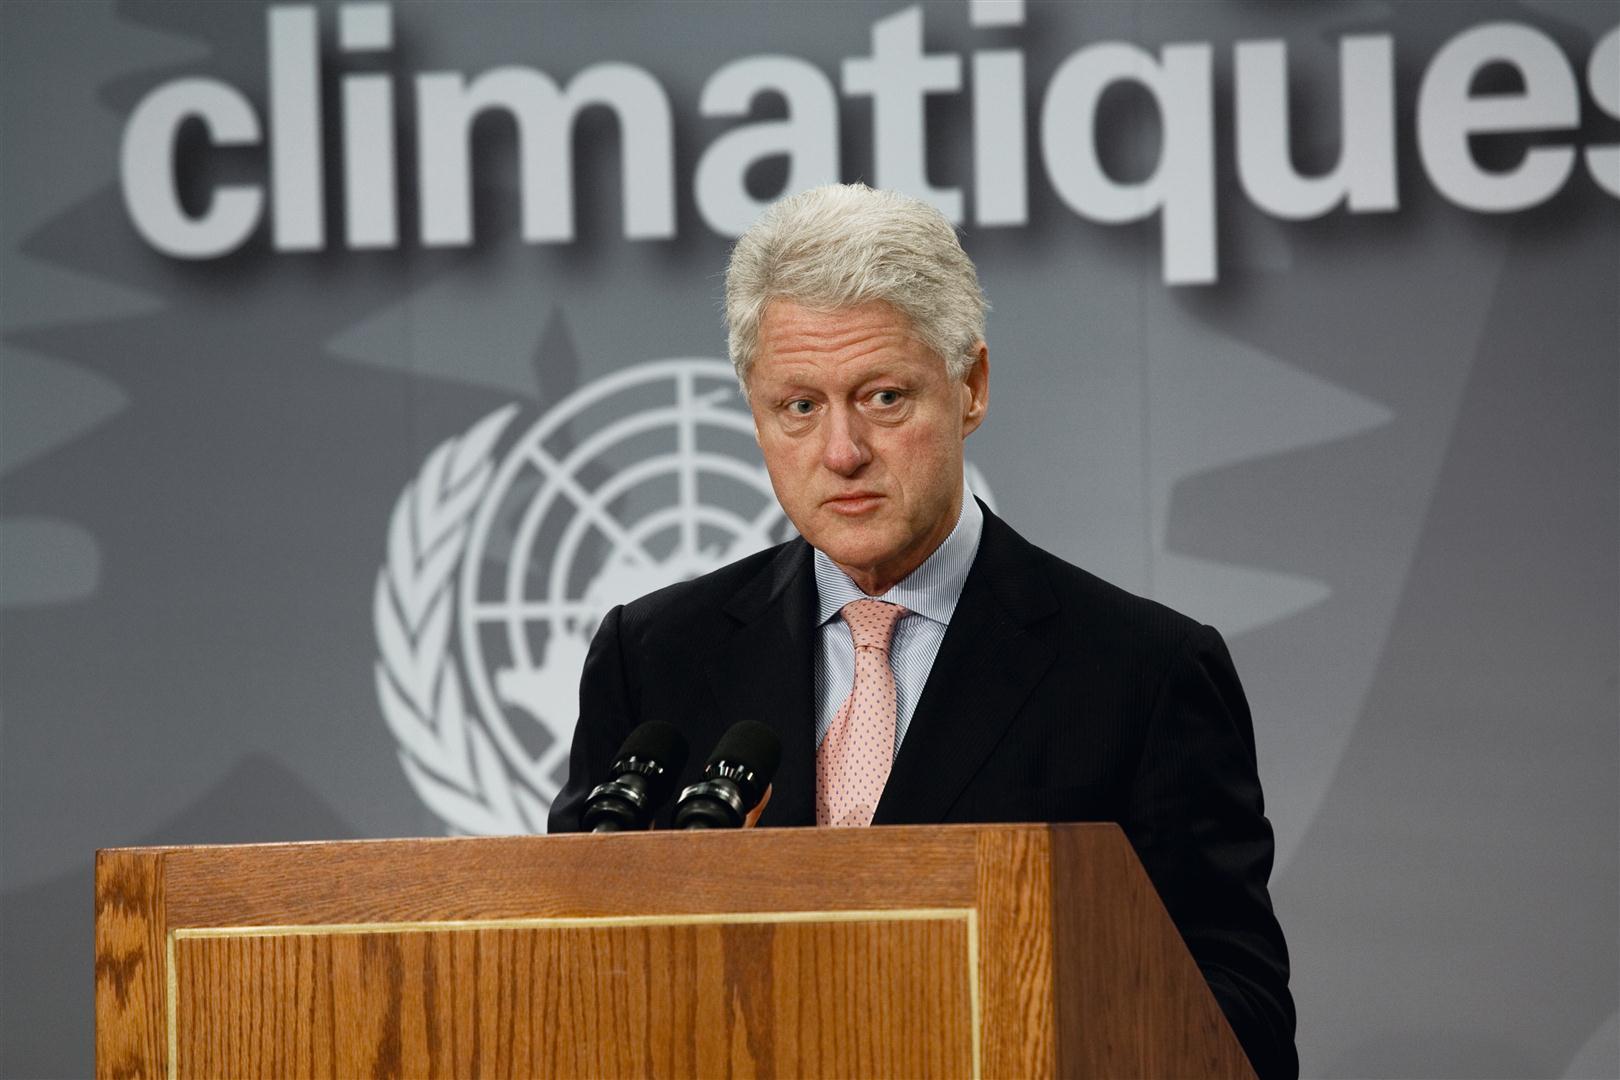 William J. Clinton, az Egyesült Államok korábbi elnöke - 2005. nov. 28. - dec. 9., Montreal, Kanada © Joel Sternfeld, Prix Pictet, Ltd.jpg